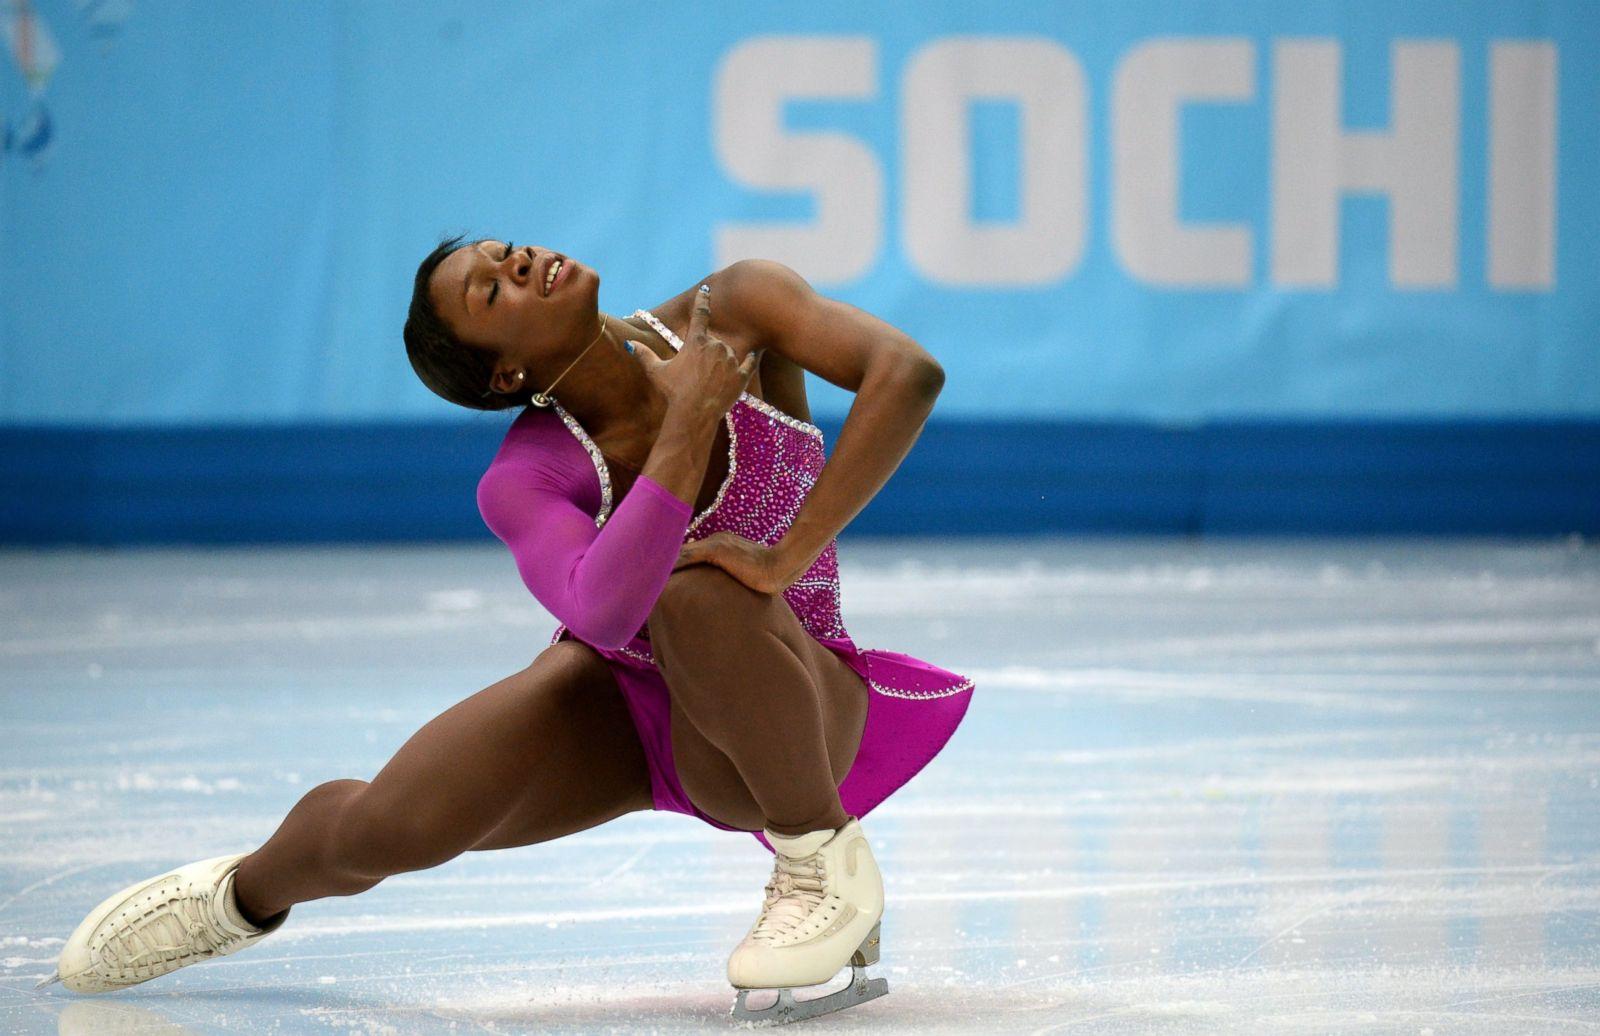 skating pussy